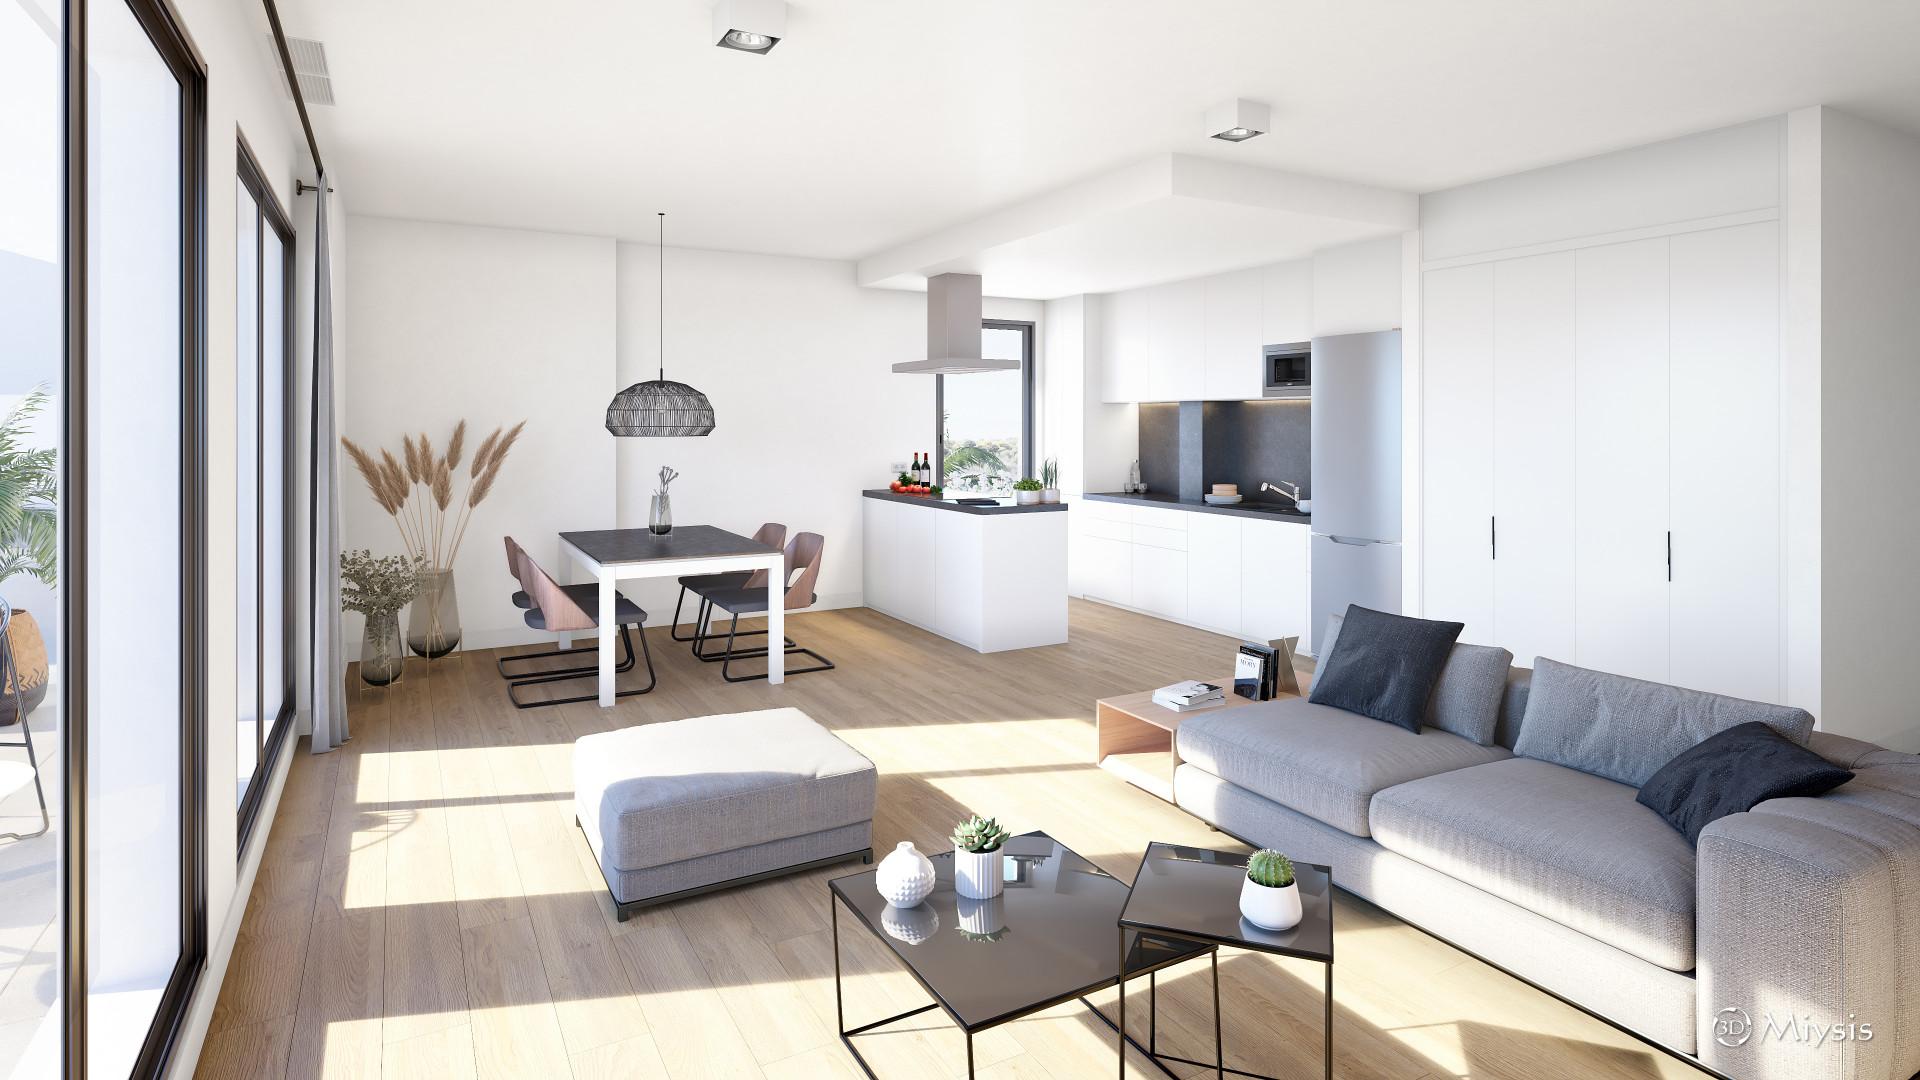 Thiết kế nội thất nhà chung cư đẹp 4